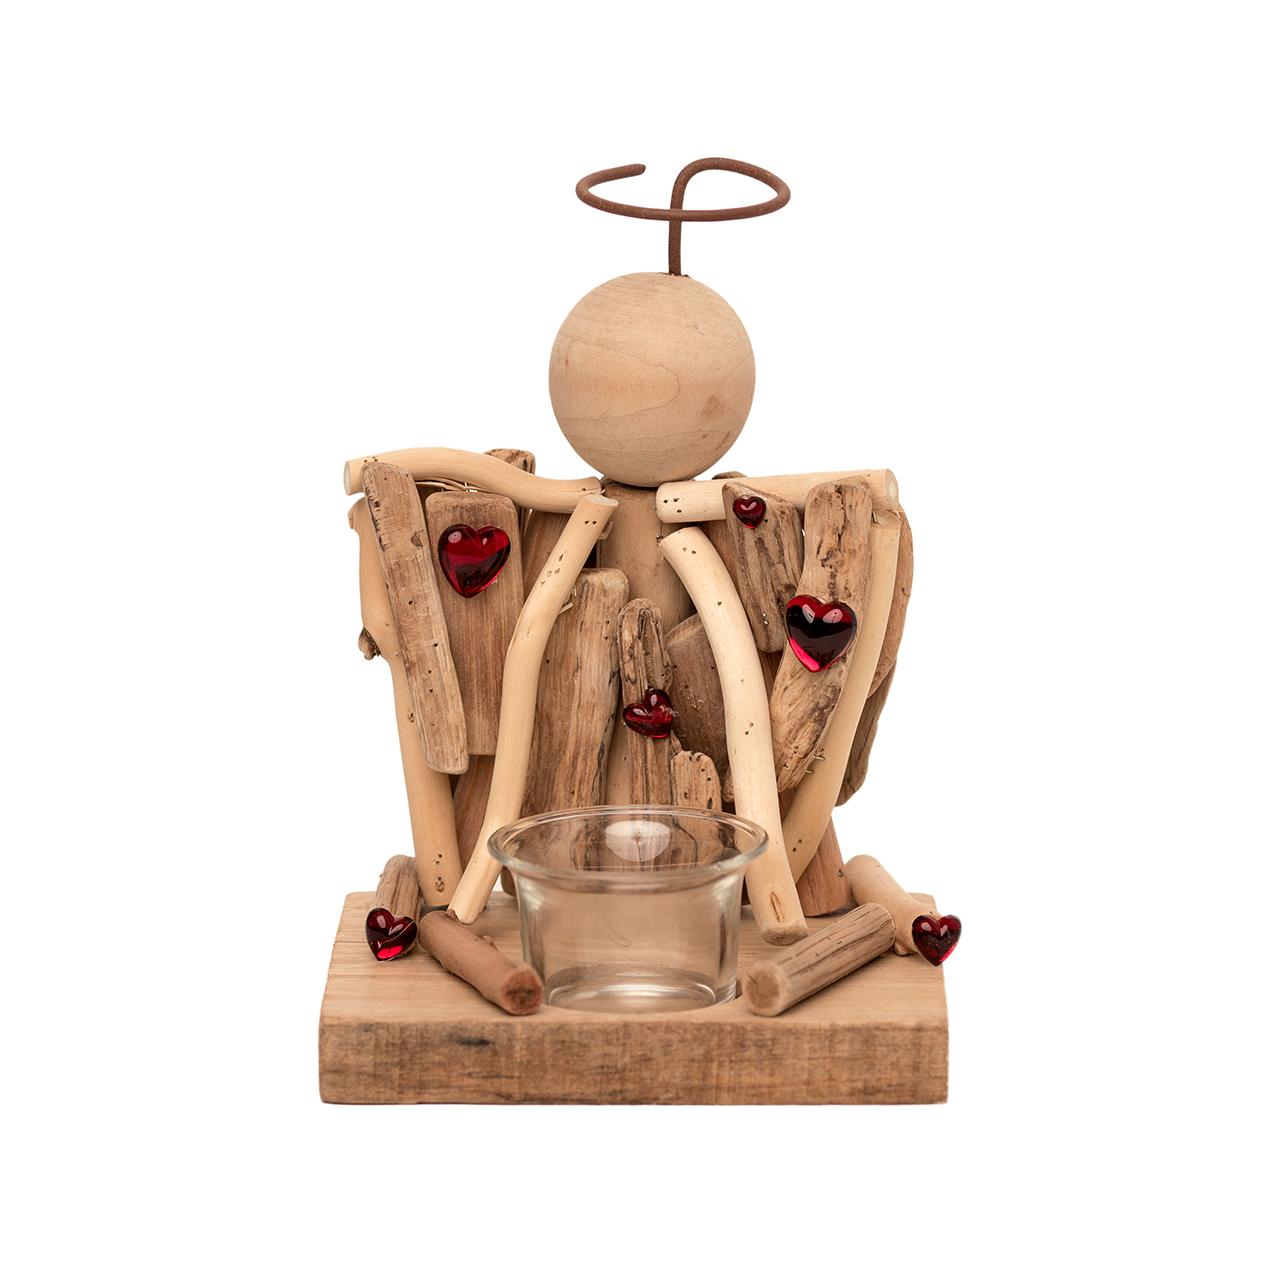 جا شمعي چوبي مدل فرشته کد m98